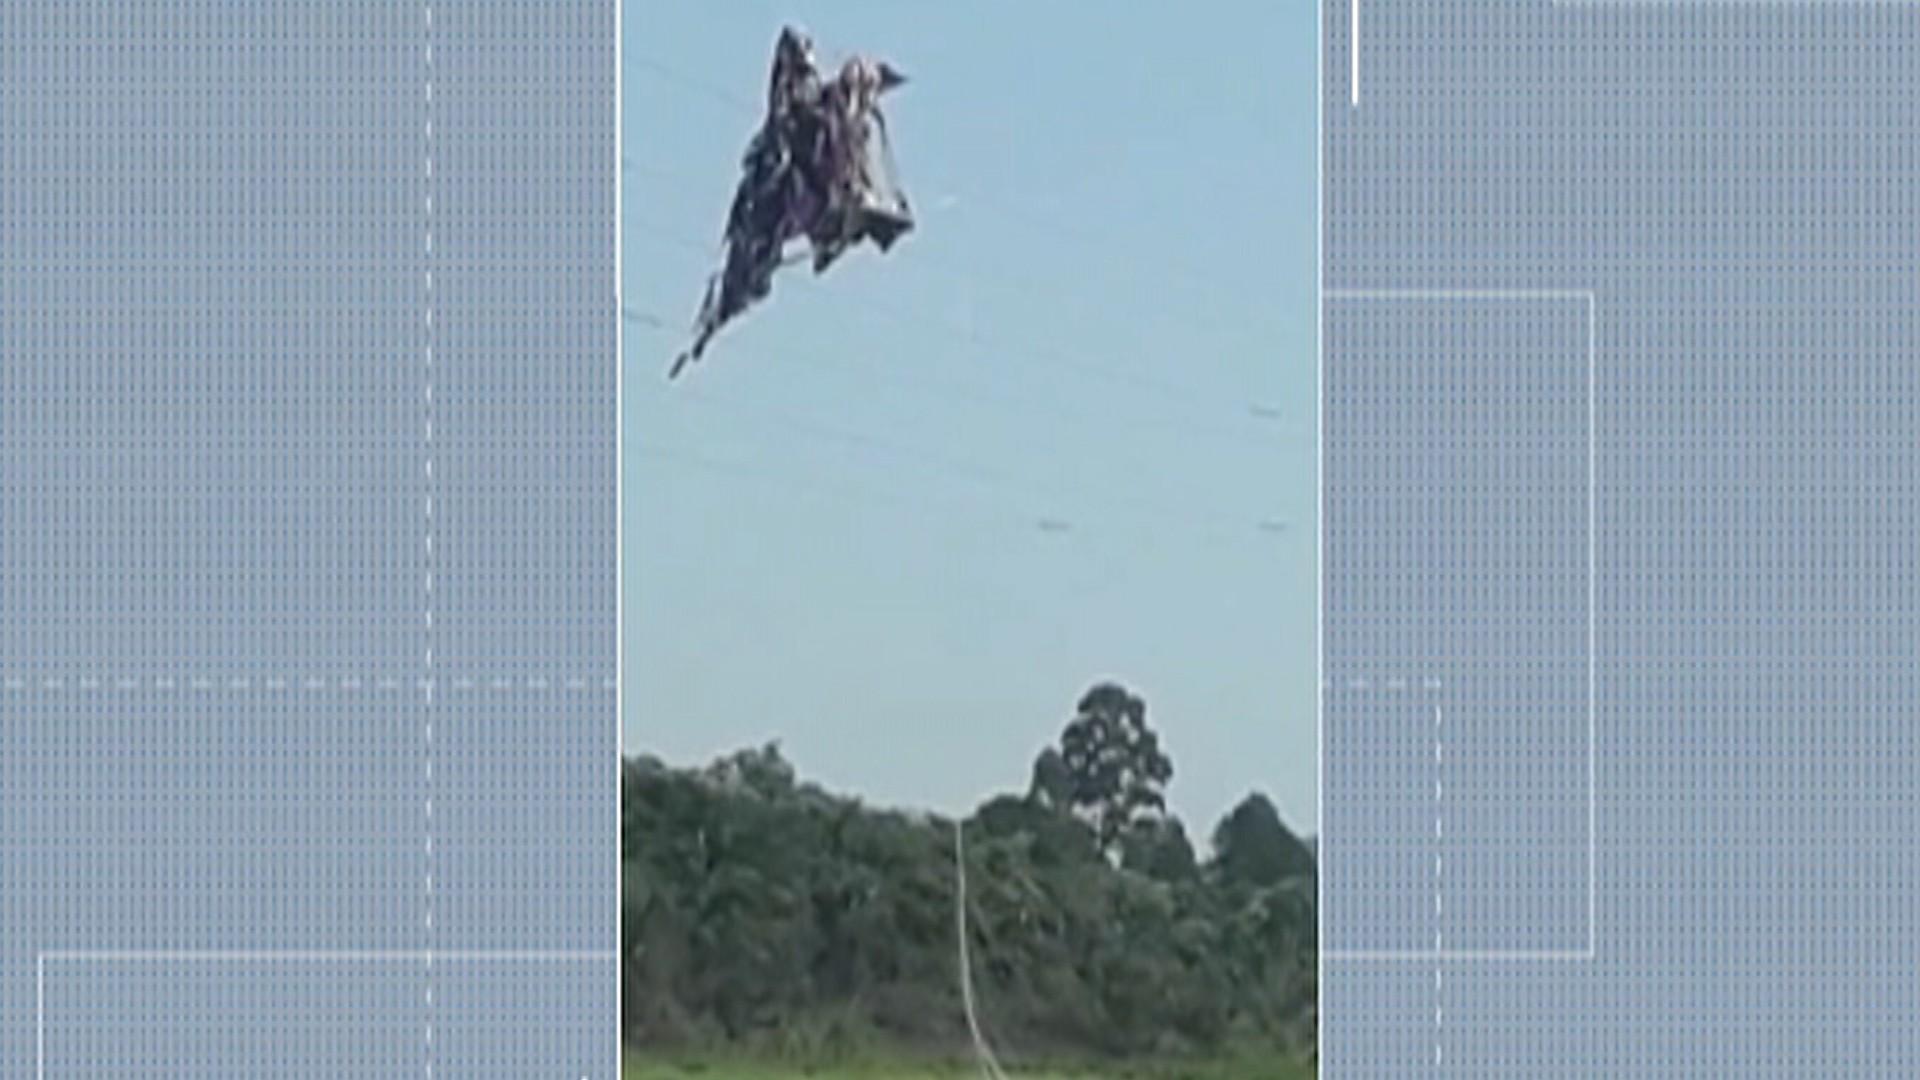 Balão fica preso em cabos de alta tensão próximos à represa do Rio Jundiaí, em Mogi das Cruzes